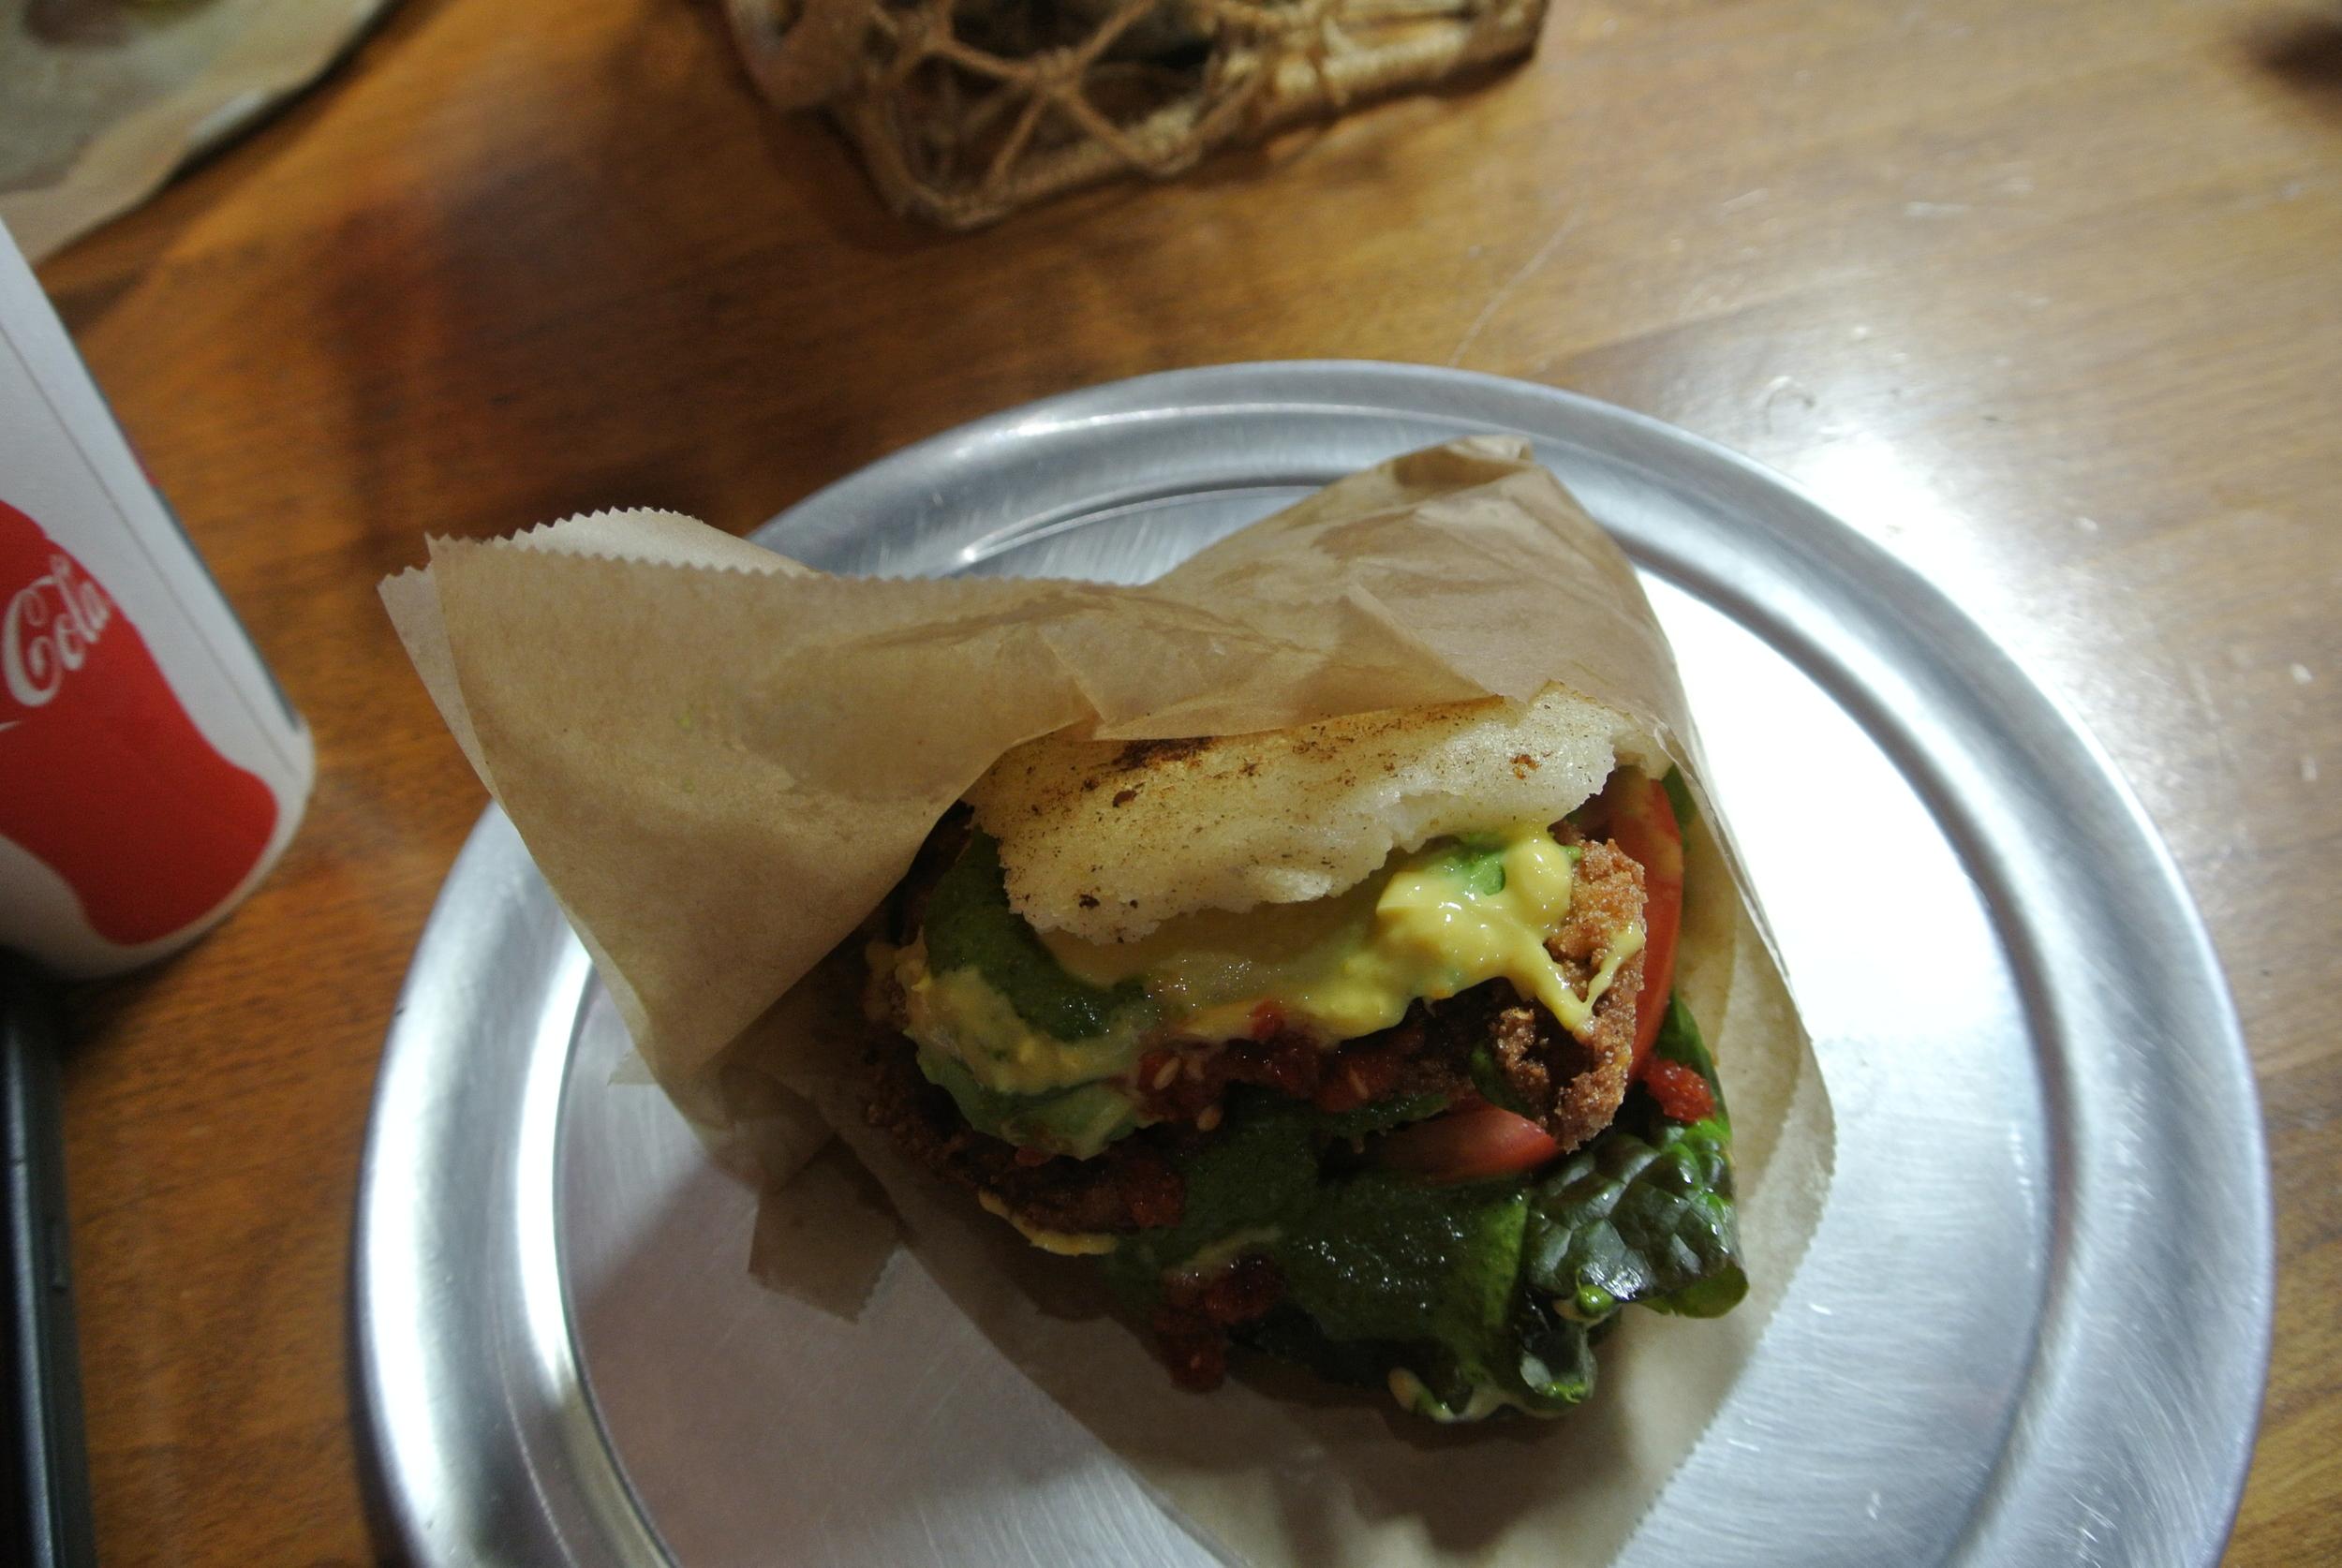 Mi Arepa!Pretty sure this is La Sureña: chicken, lettuce, tomato, avocado, cheese, and cilantro sauce